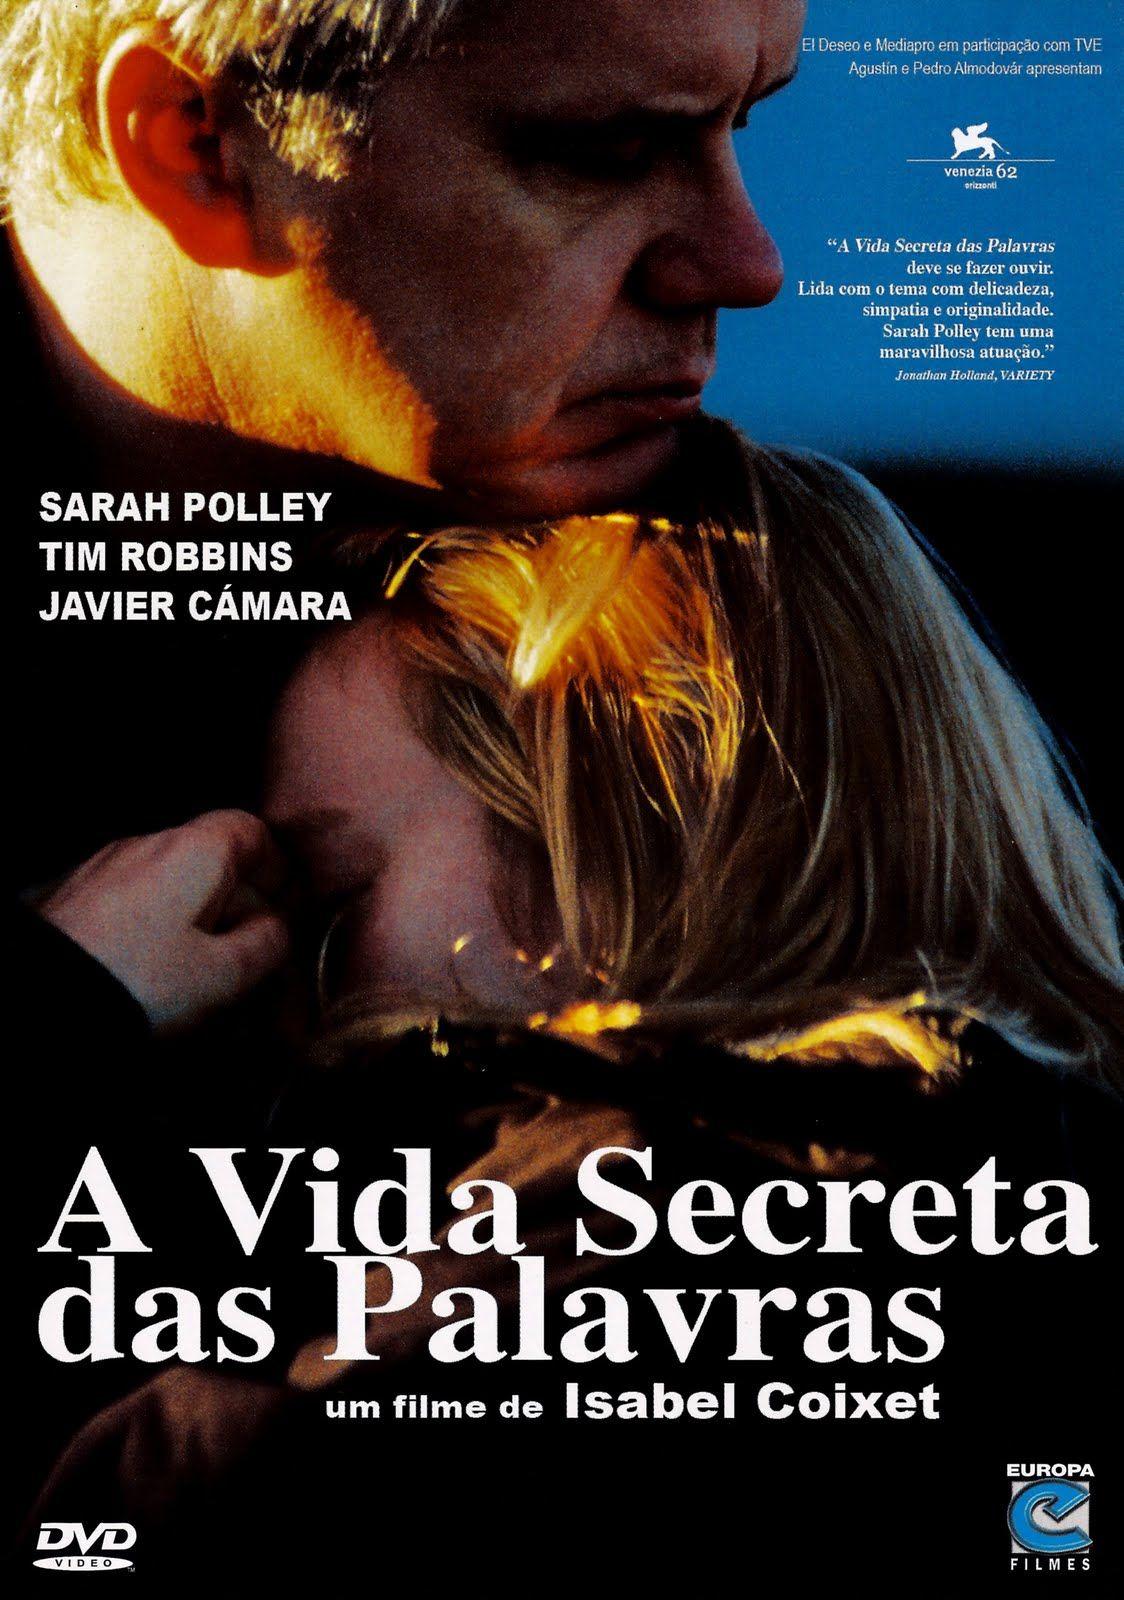 A Vida Secreta Das Palavras Isabel Coixet Vida Secreta Sarah